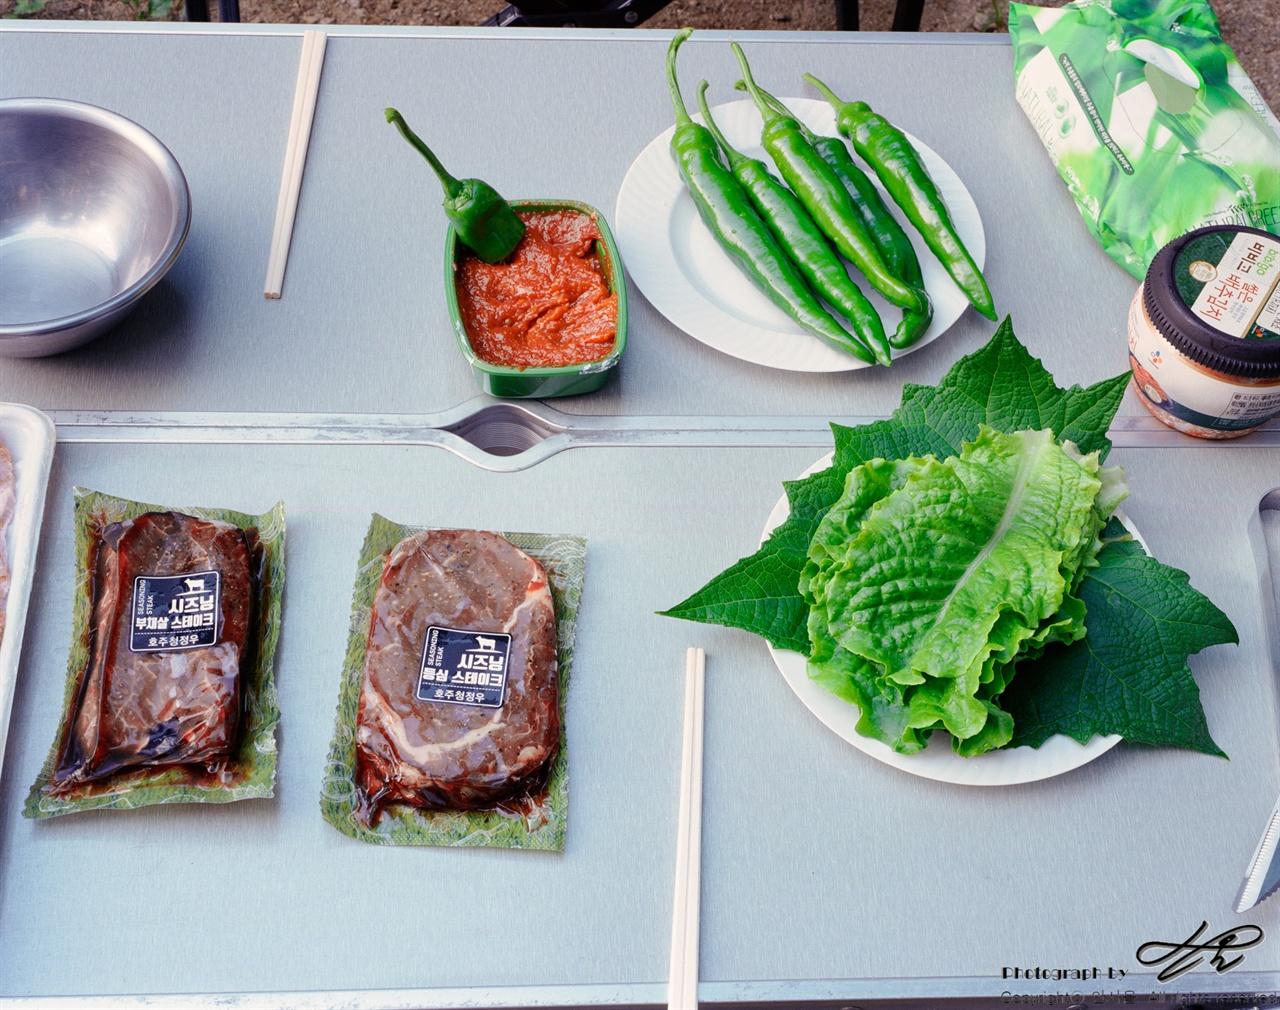 자연식 밥상 (6*7중형/Pro400H)저녁이 되기 전 농원 내 밭에서 따 온 채소로 밥상을 꾸렸다. 고추에서 단 맛이 났다.